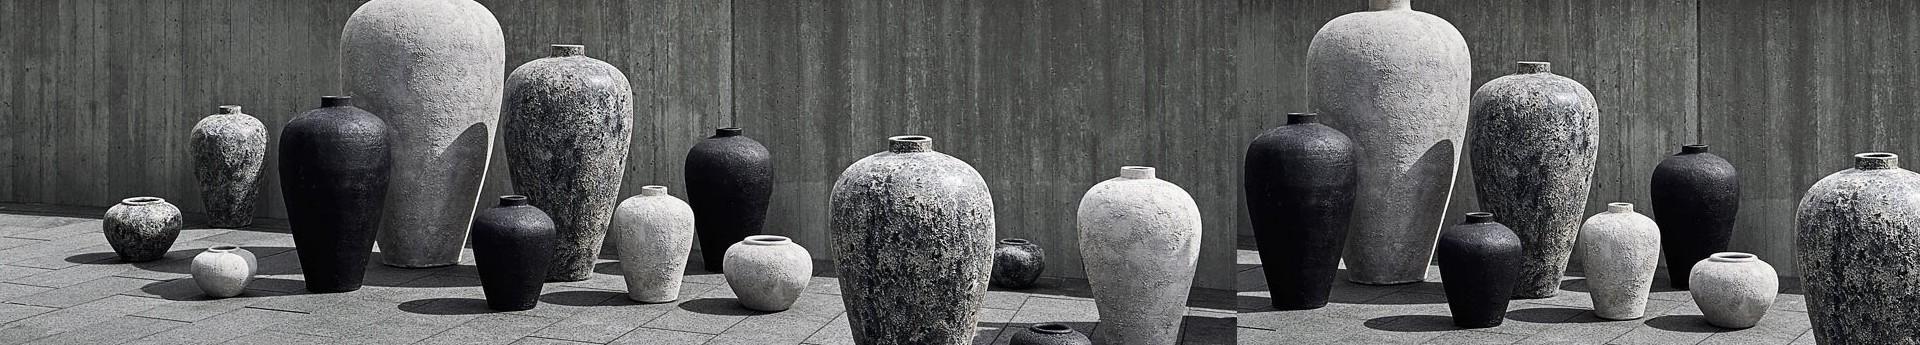 Des pots, des jarres, des vases, des coupelles, des amphores